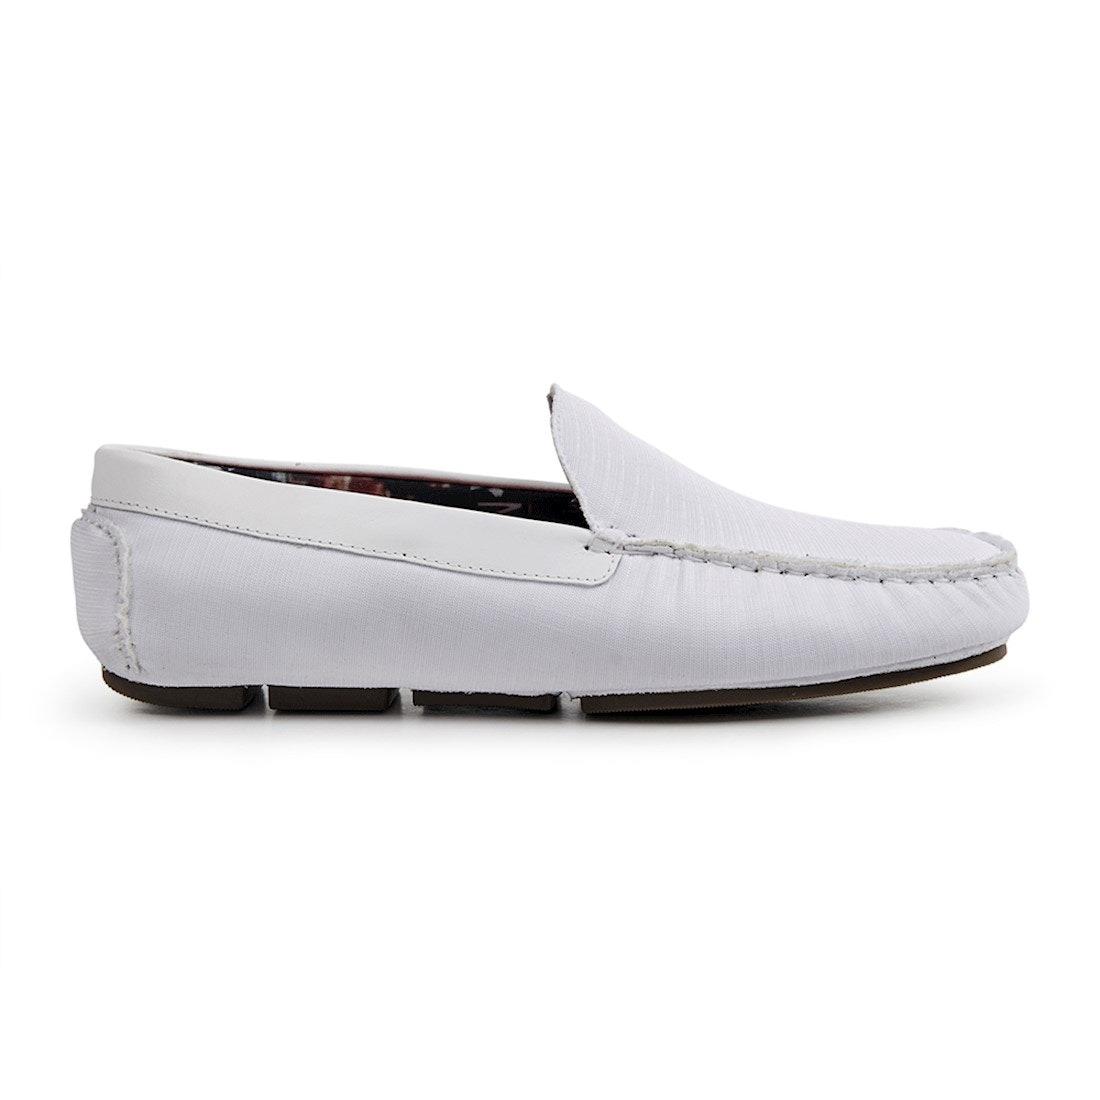 ec26182ff0 Sapato Masculino Driver Sandro Moscoloni Boca Raton Branco - R$ 145,96 em  Mercado Livre